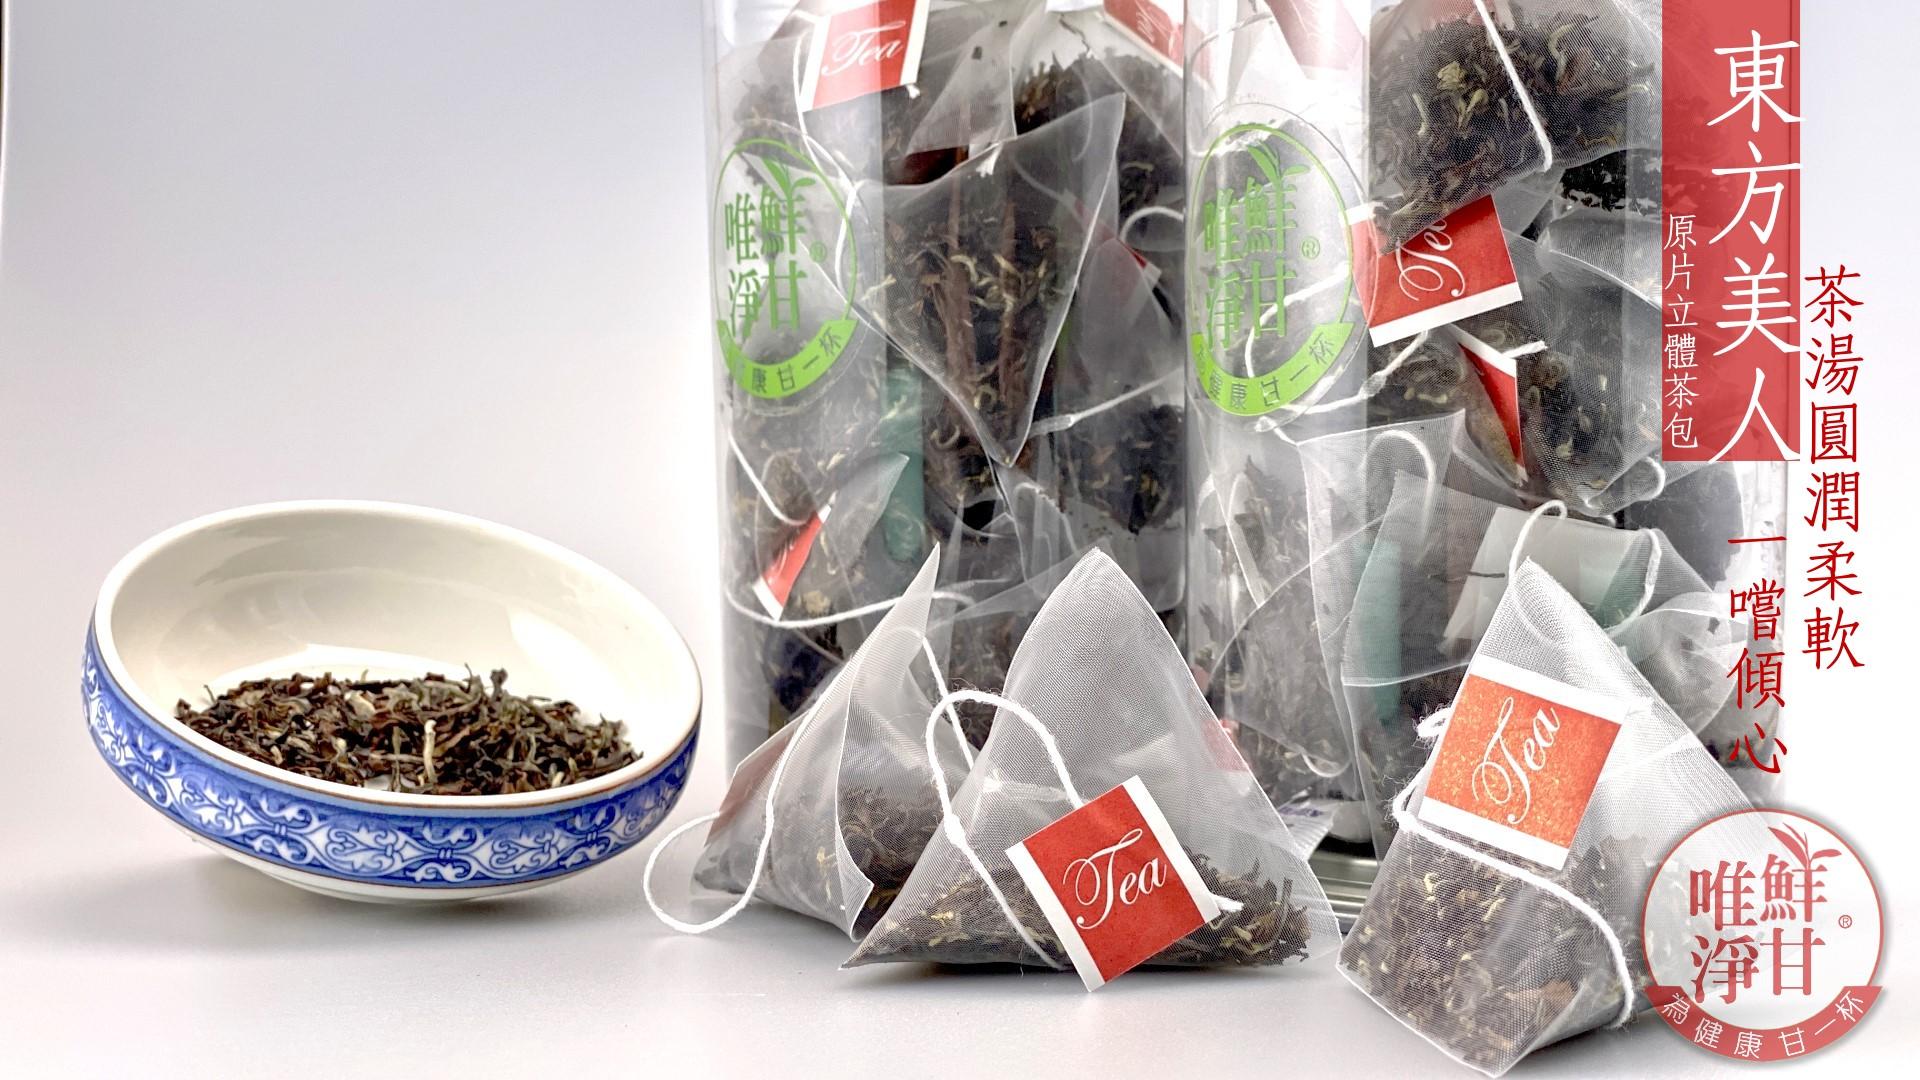 立體茶包,原片茶包推薦,原片茶包批發,原片立體茶包